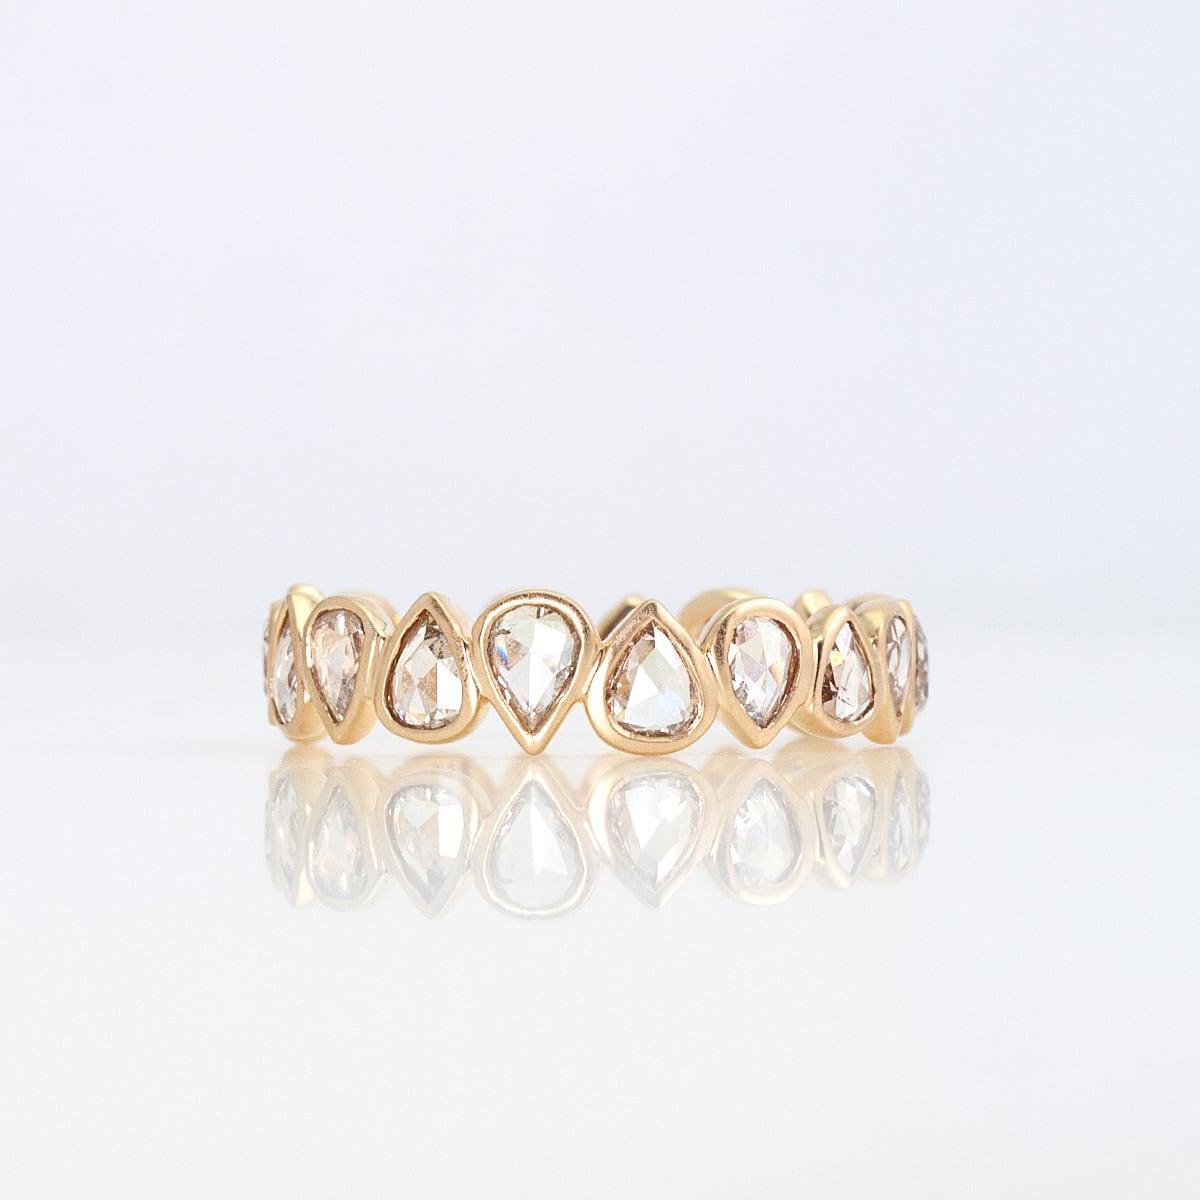 Rosecut diamond full eternity ring / pear shape